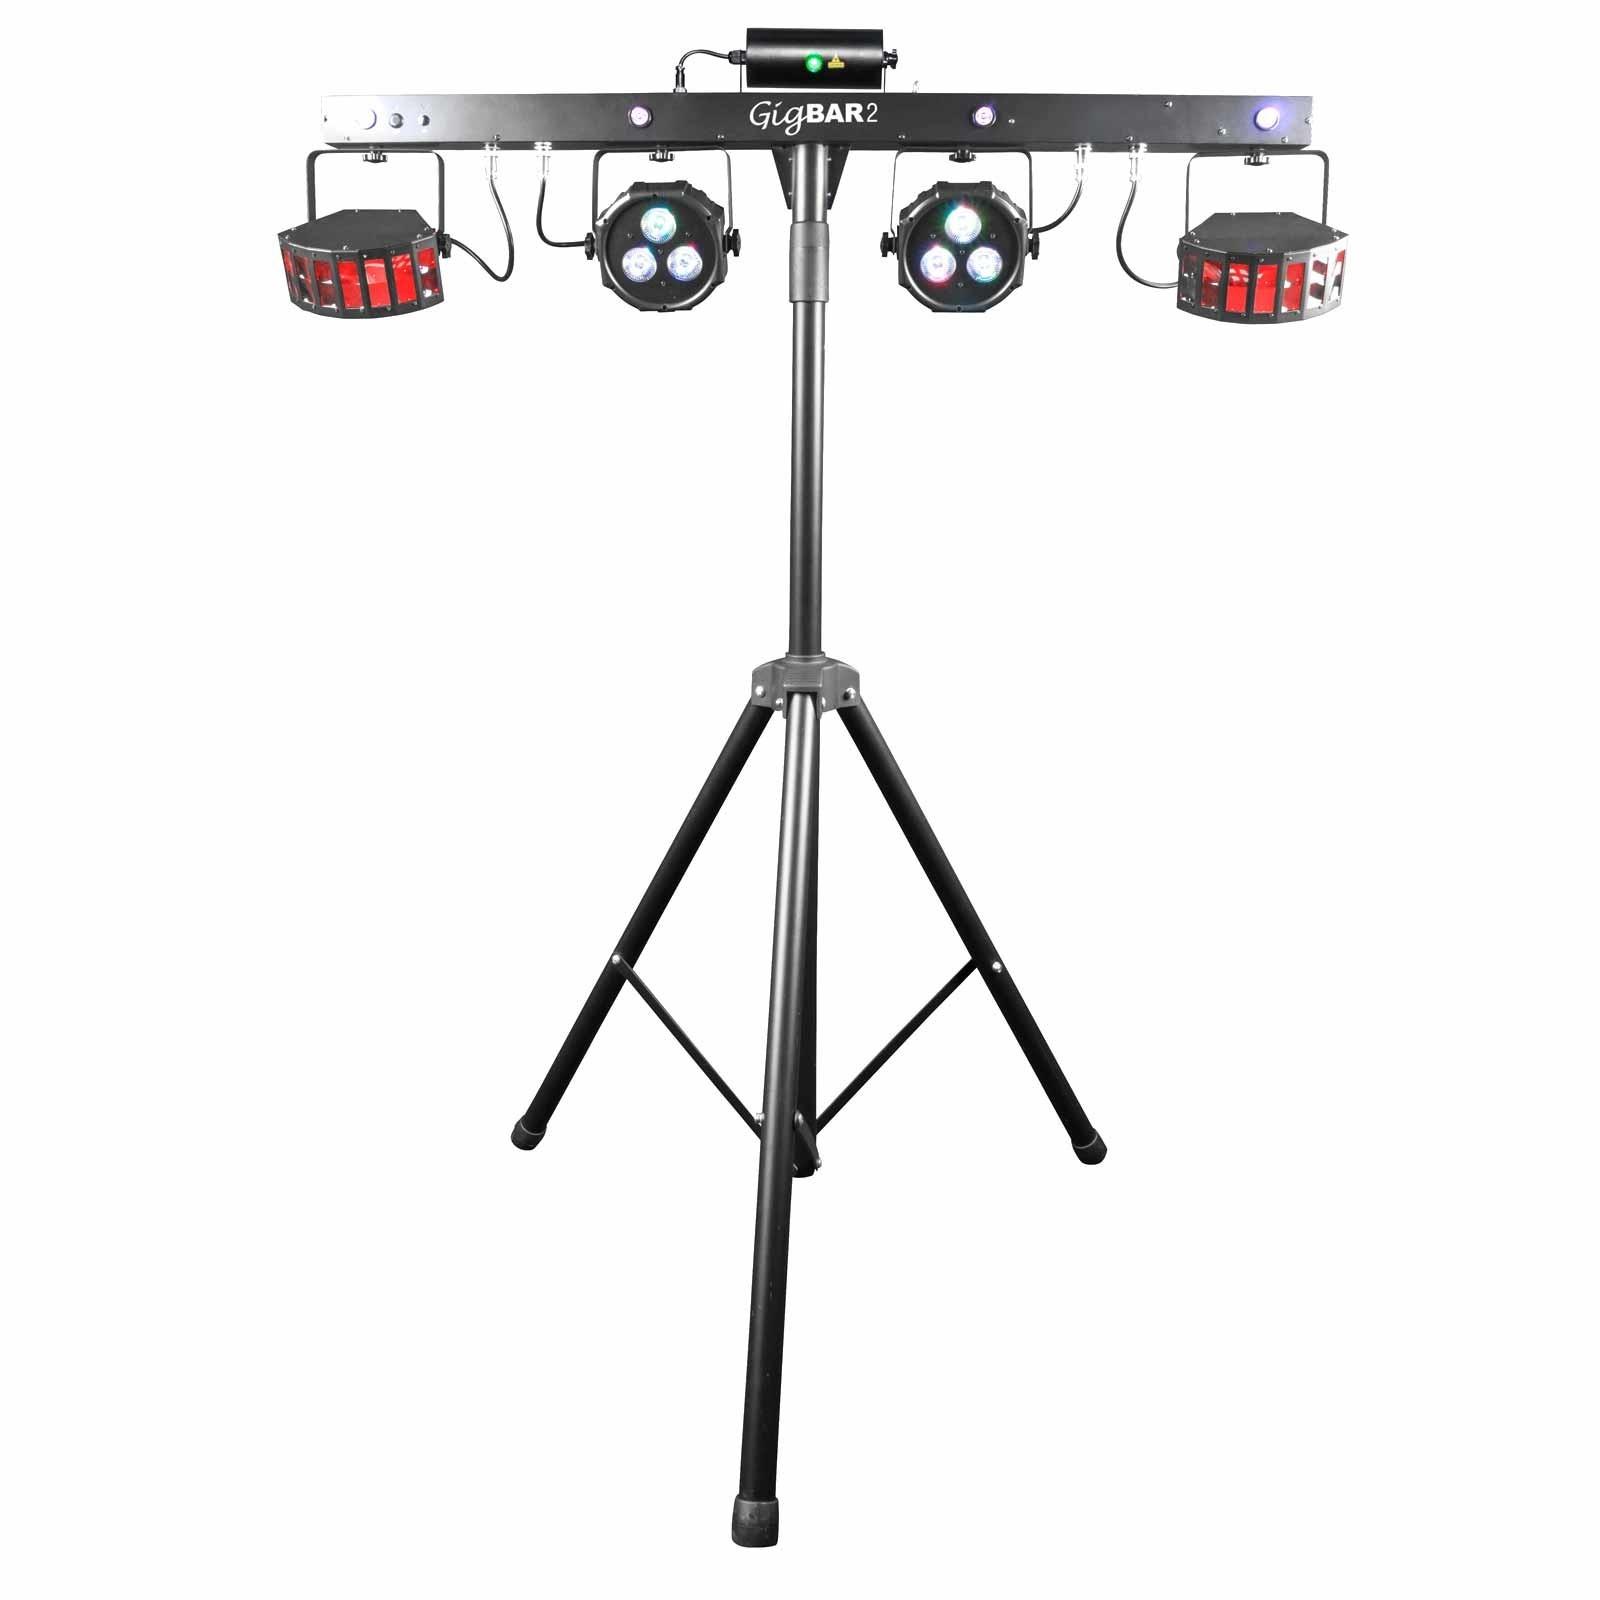 Strobo Disco Light Using Standard Tube Lamp Tl